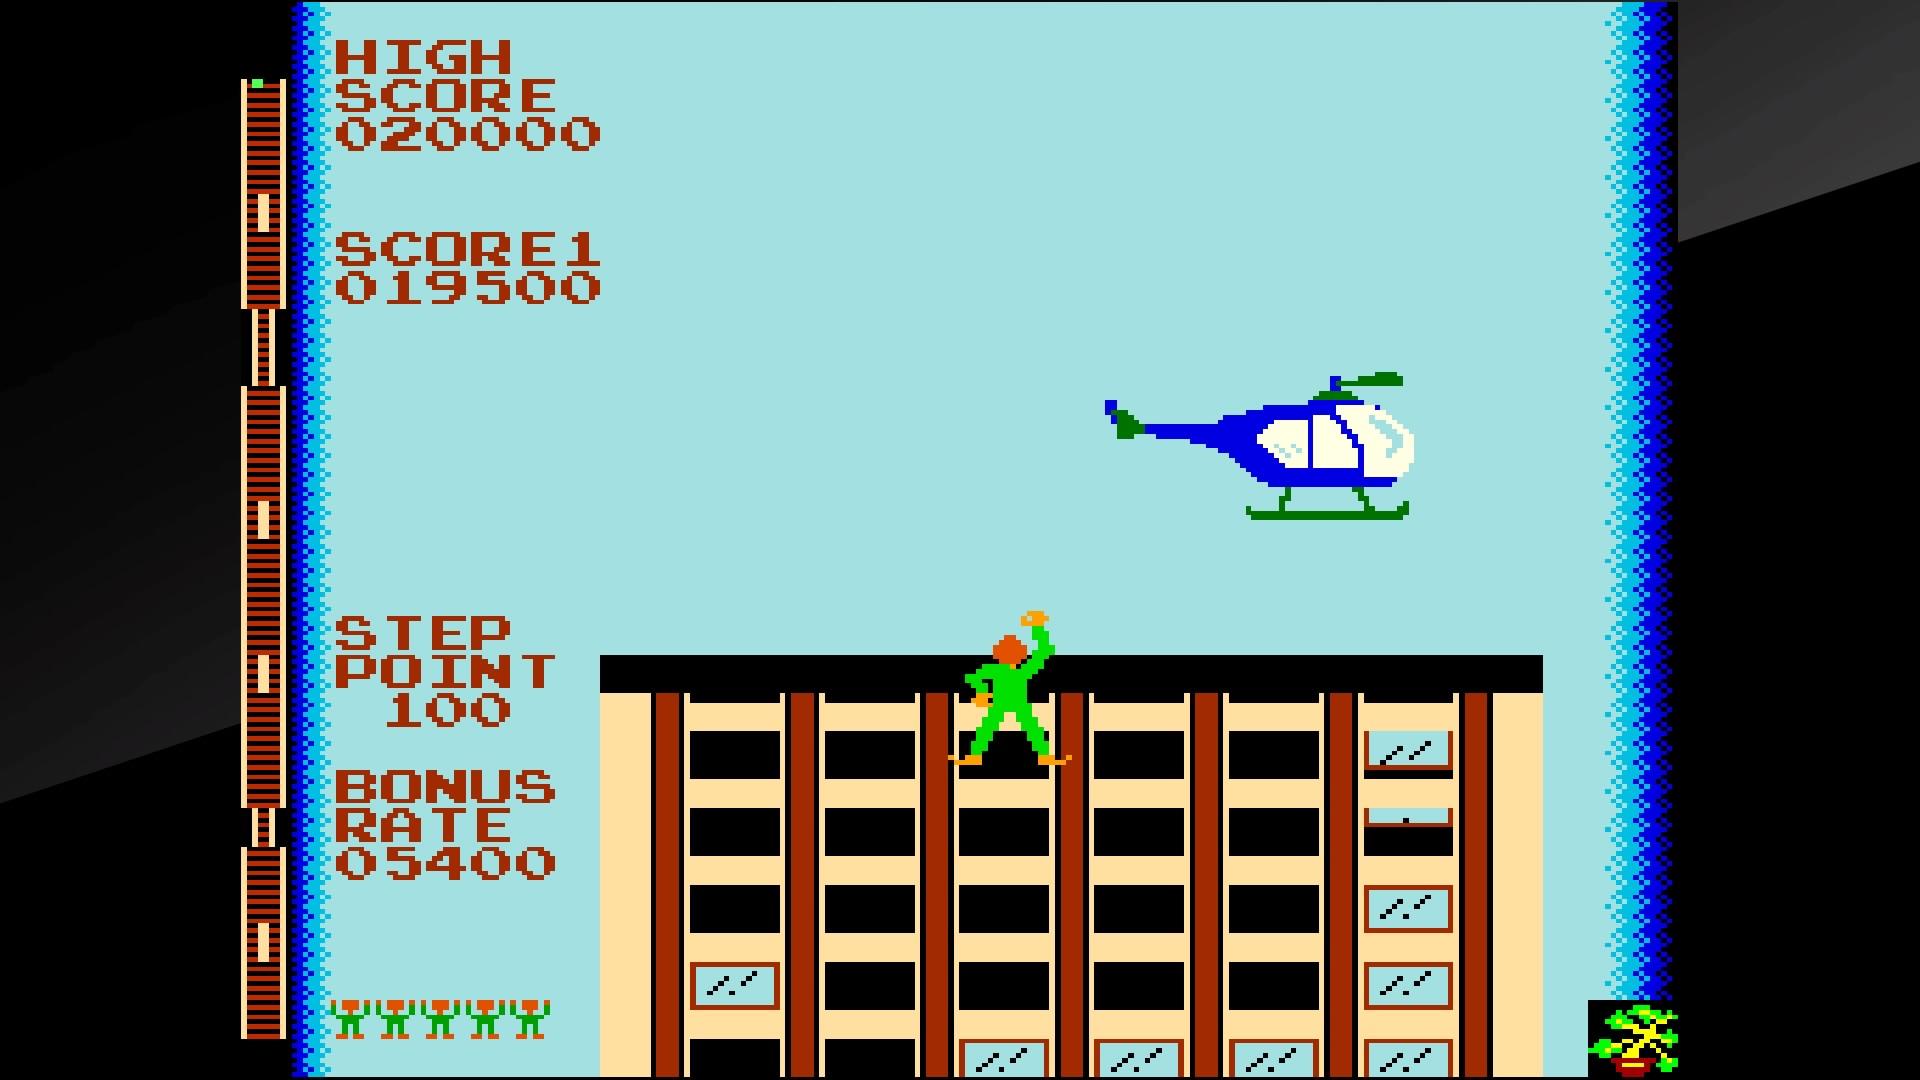 ビルの屋上まで上ったら、今度はヘリコプターに捕まらなければならない。一定時間で帰ってしまうので、ヘリコプターが下がってくる場所に素早く移動してつかまろう